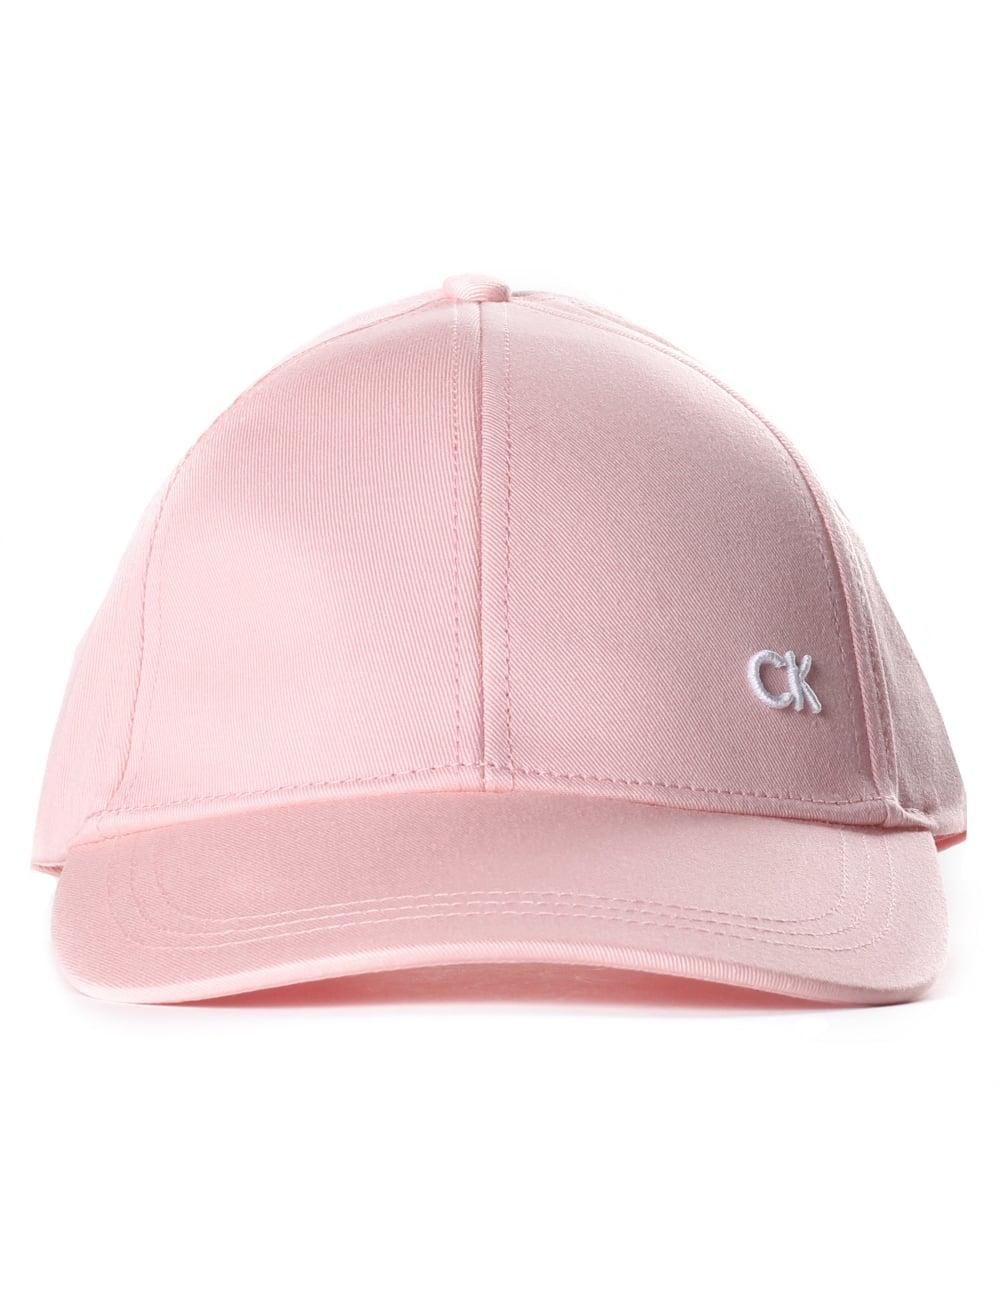 54fade0aec9df1 Calvin Klein Women's CK Baseball Cap